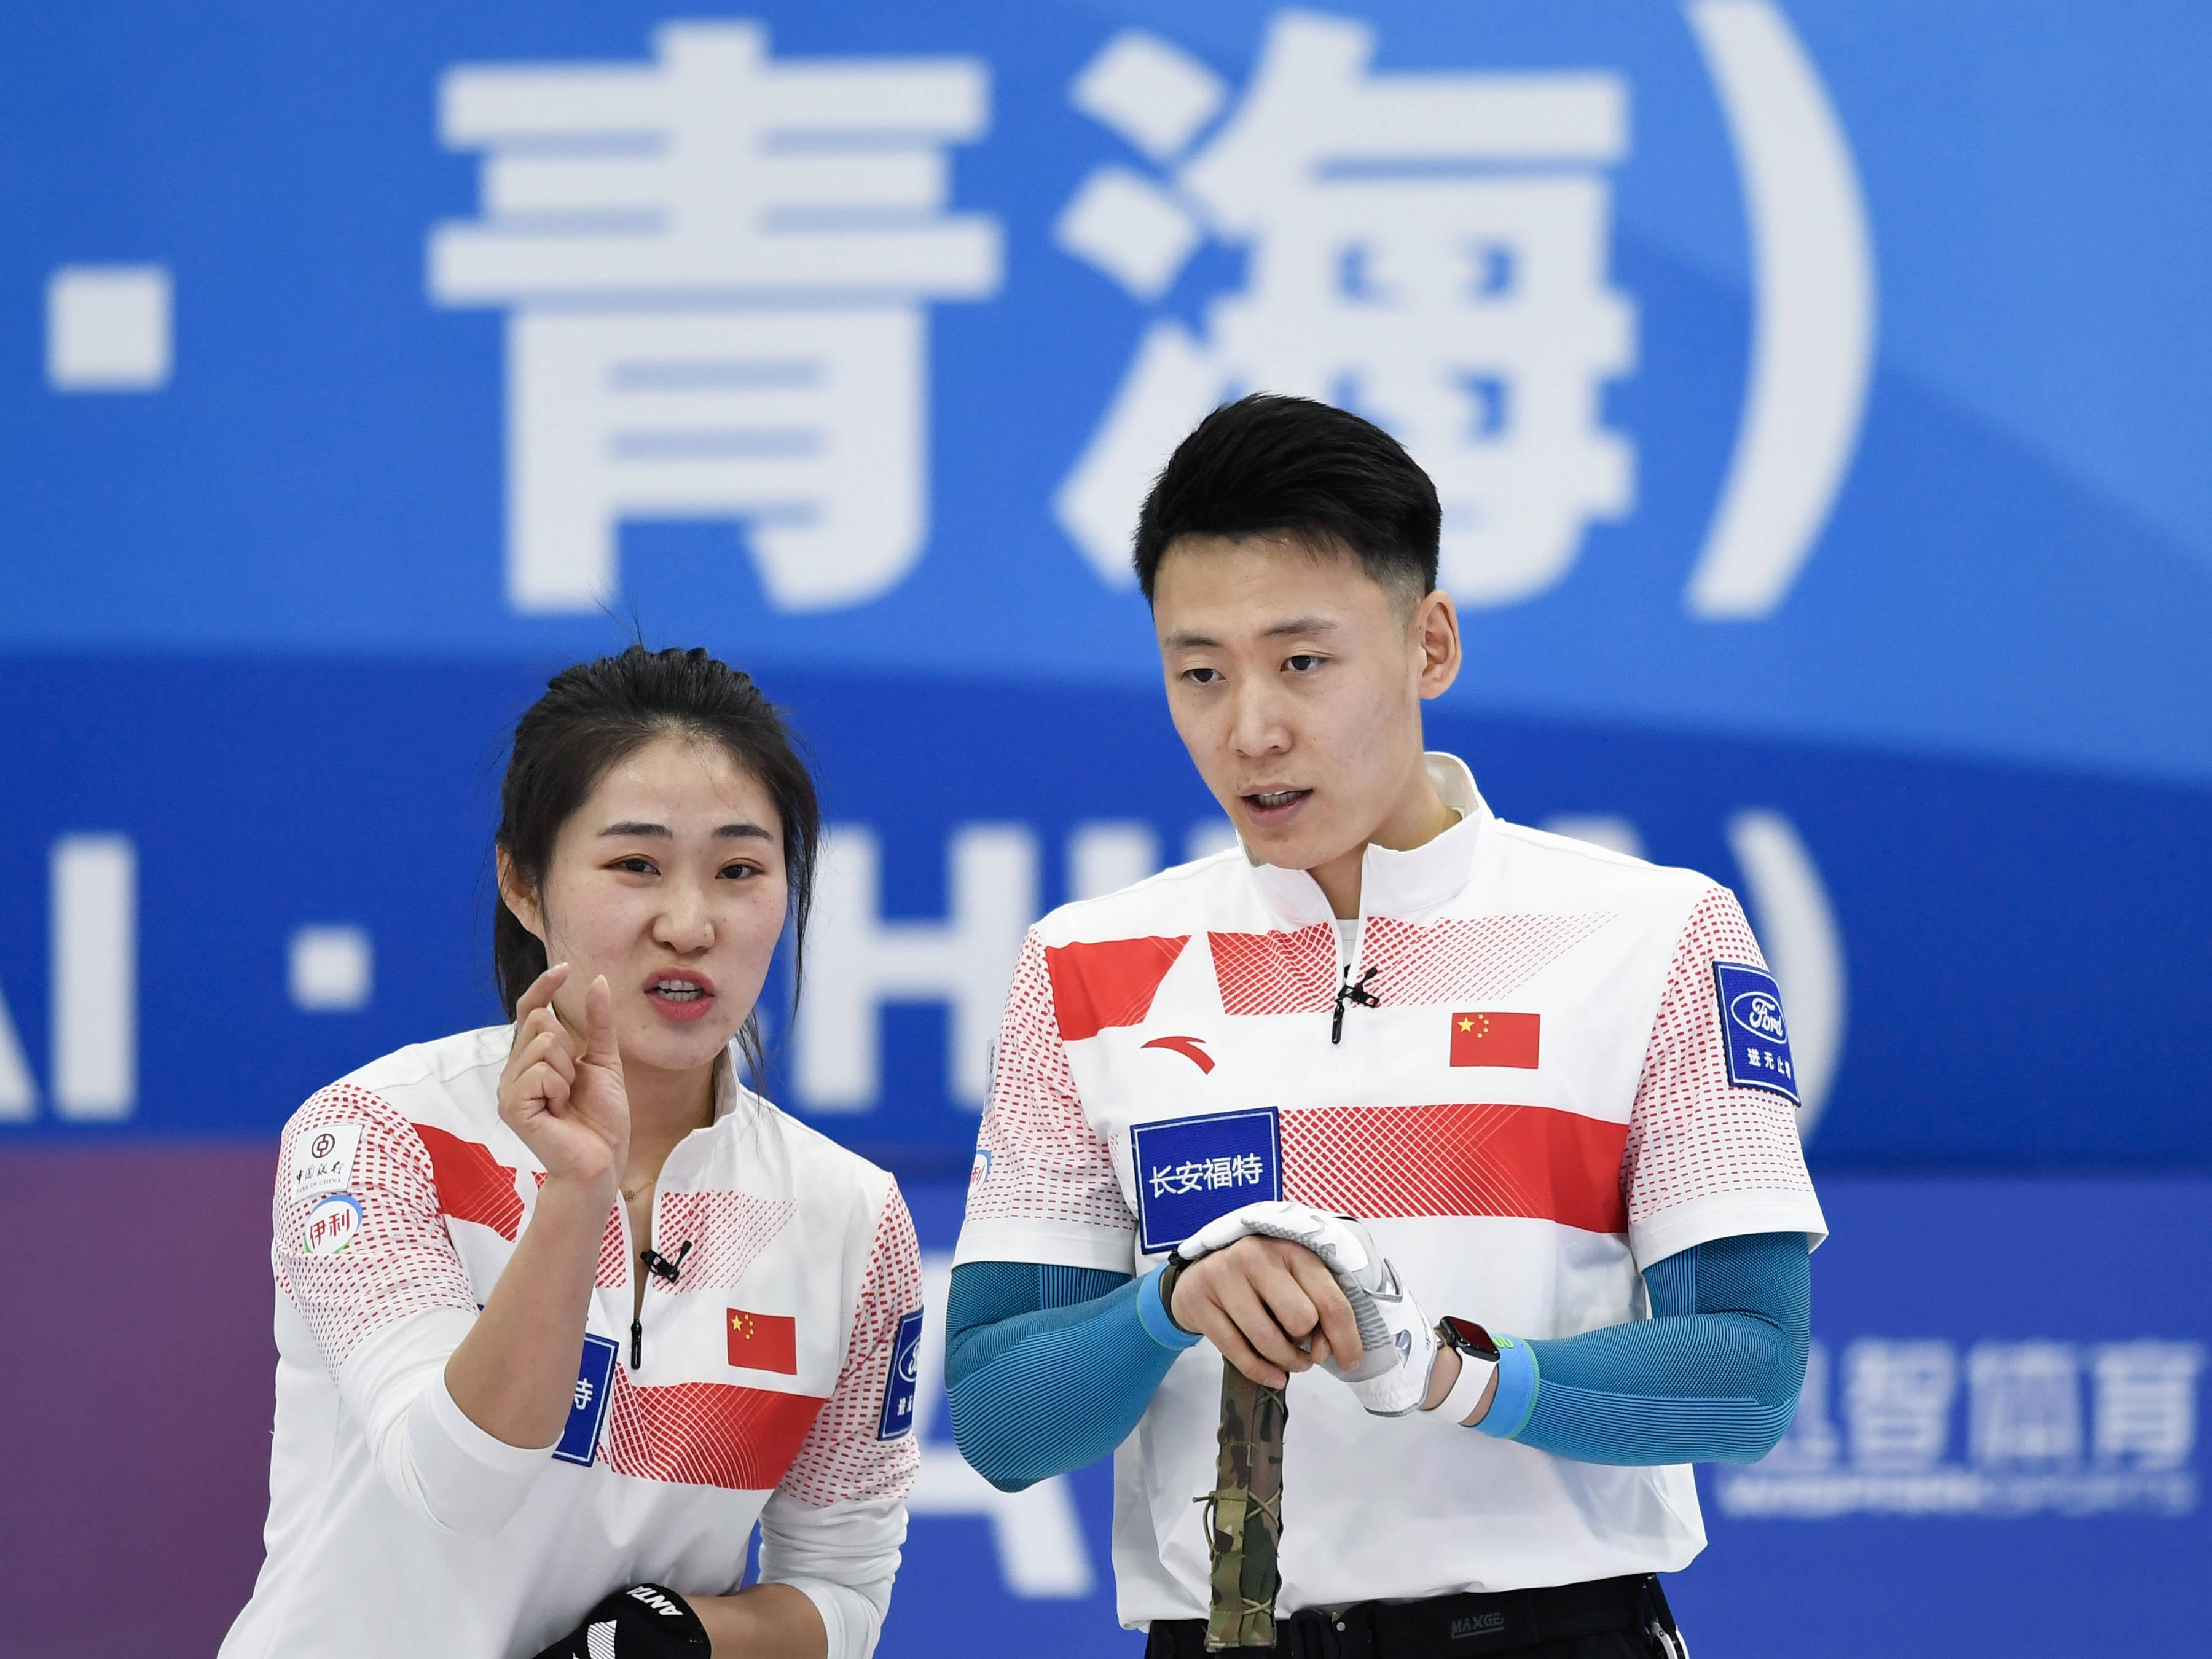 冰壶——中国公开赛:中国一队战胜青海队